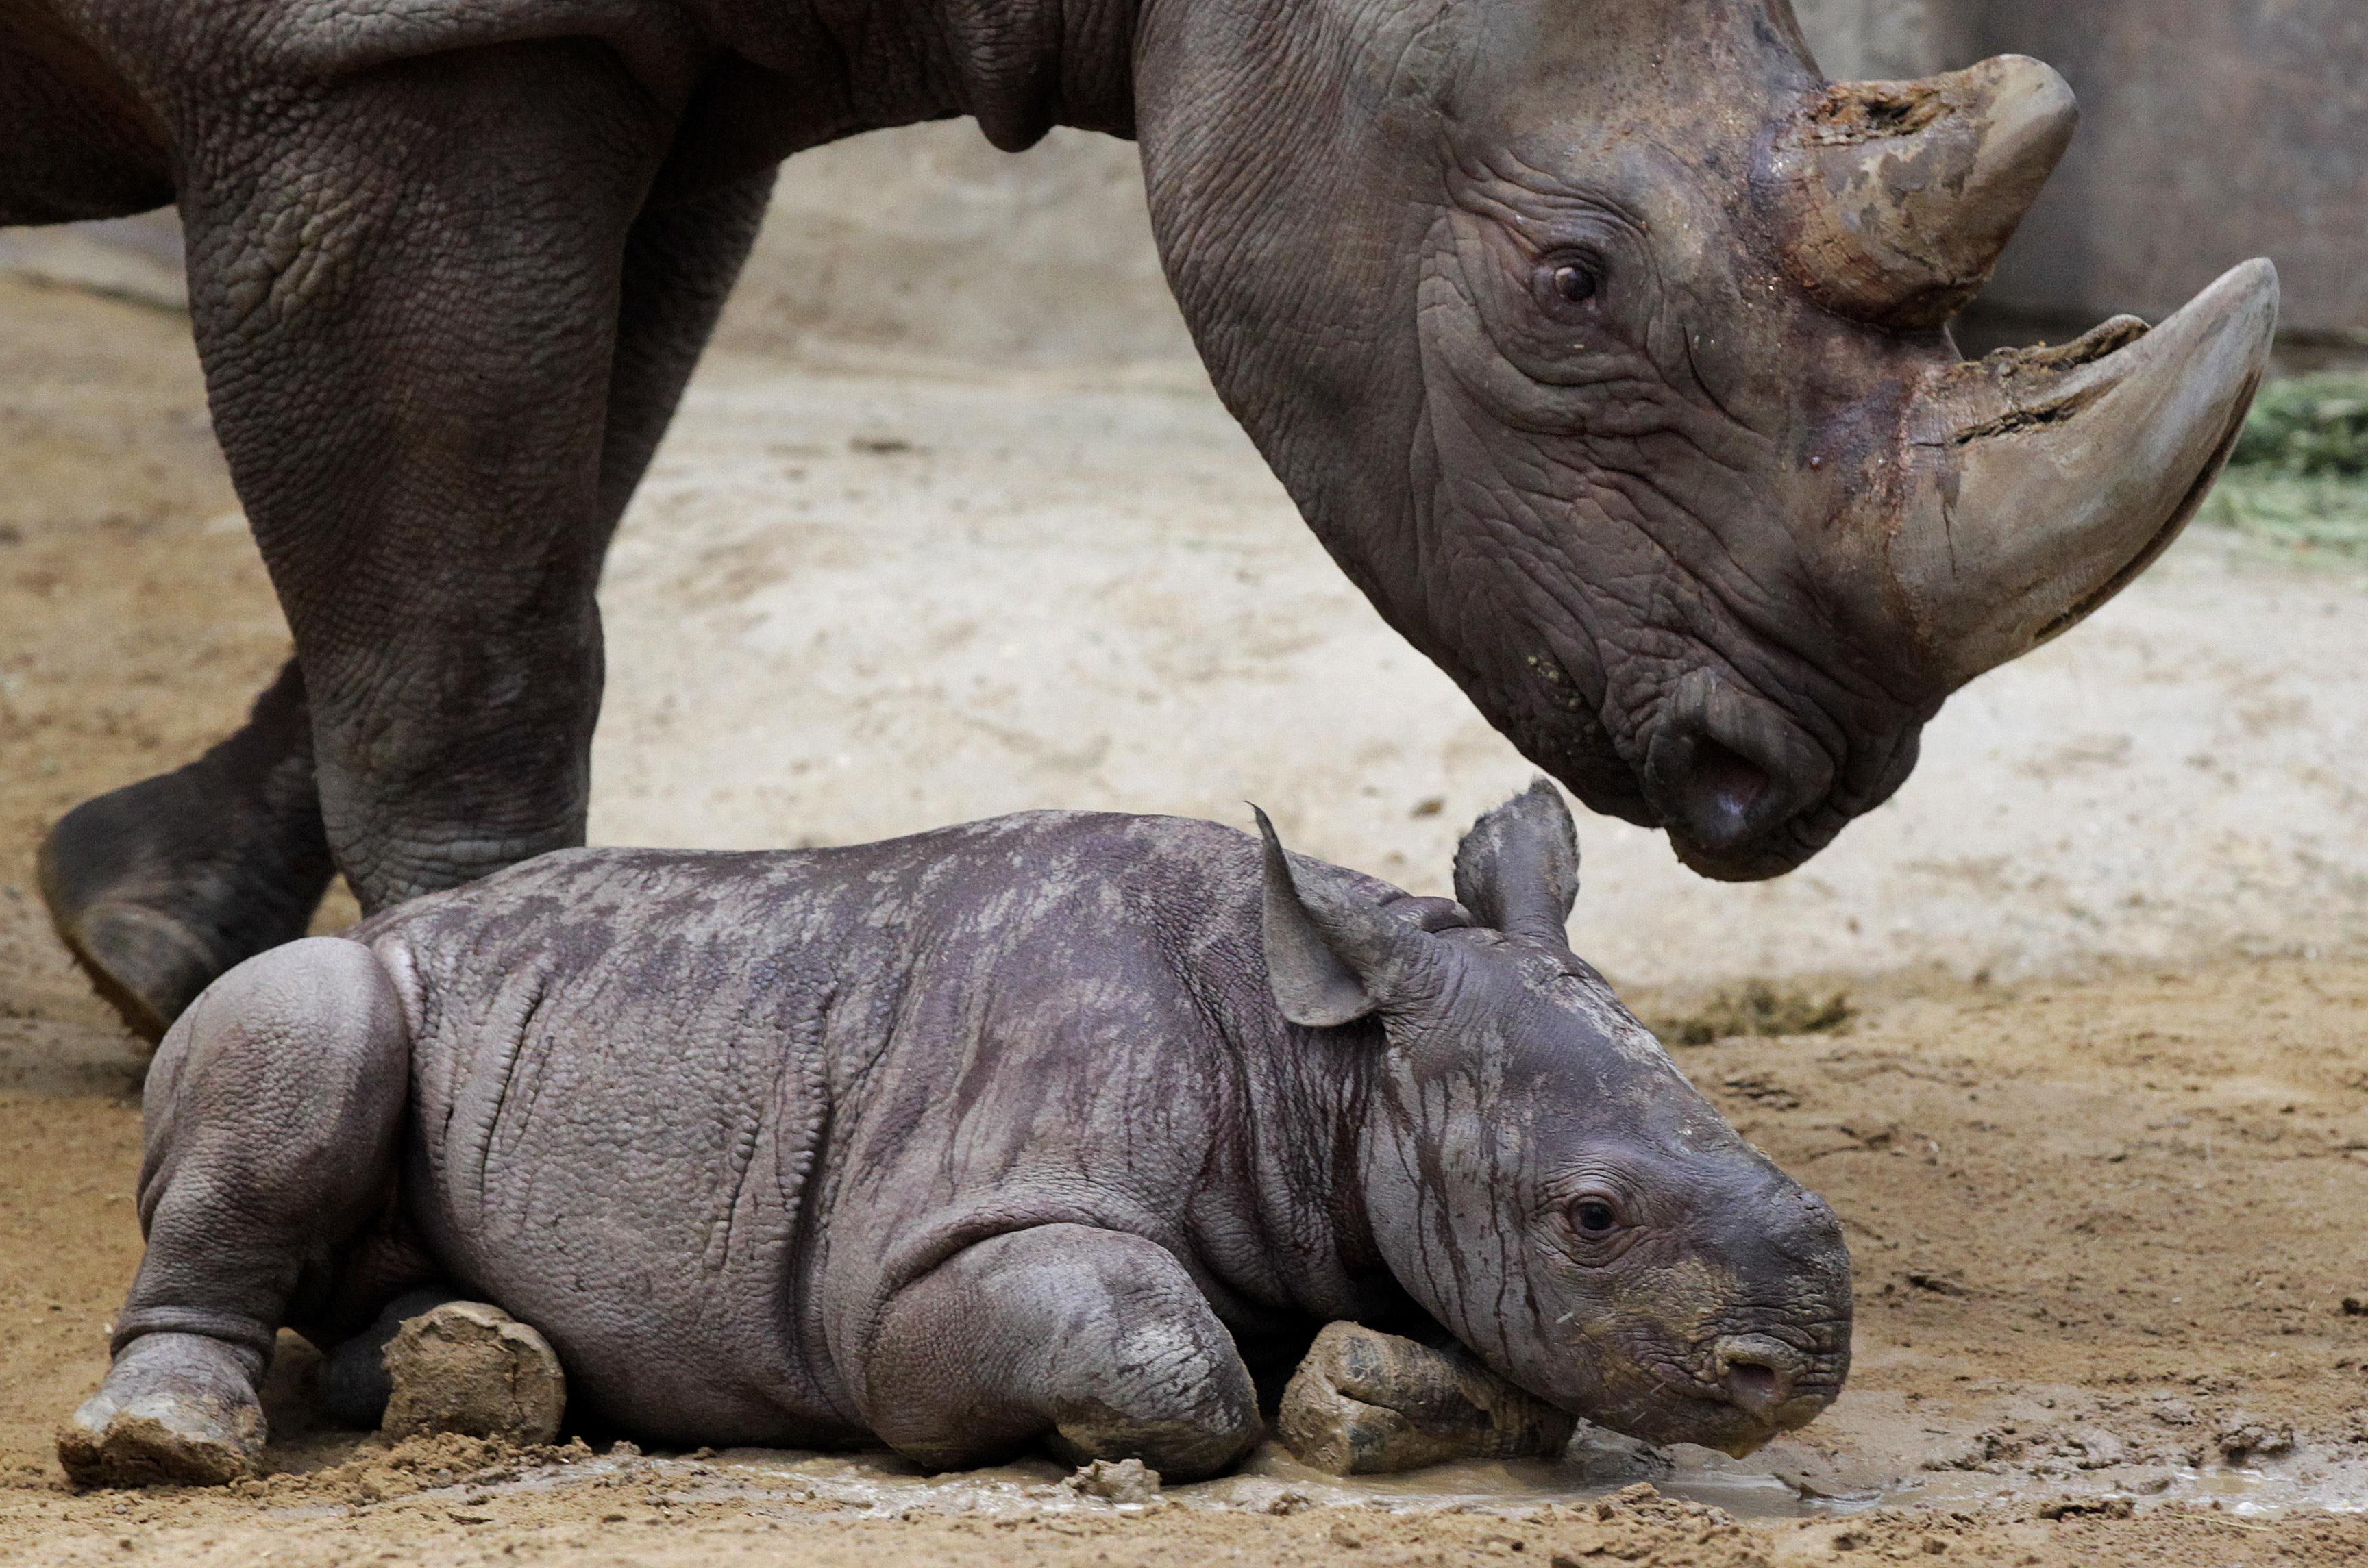 Vietnam: Nashorn-Pulver bedroht Nashorn-Bestand weltweit